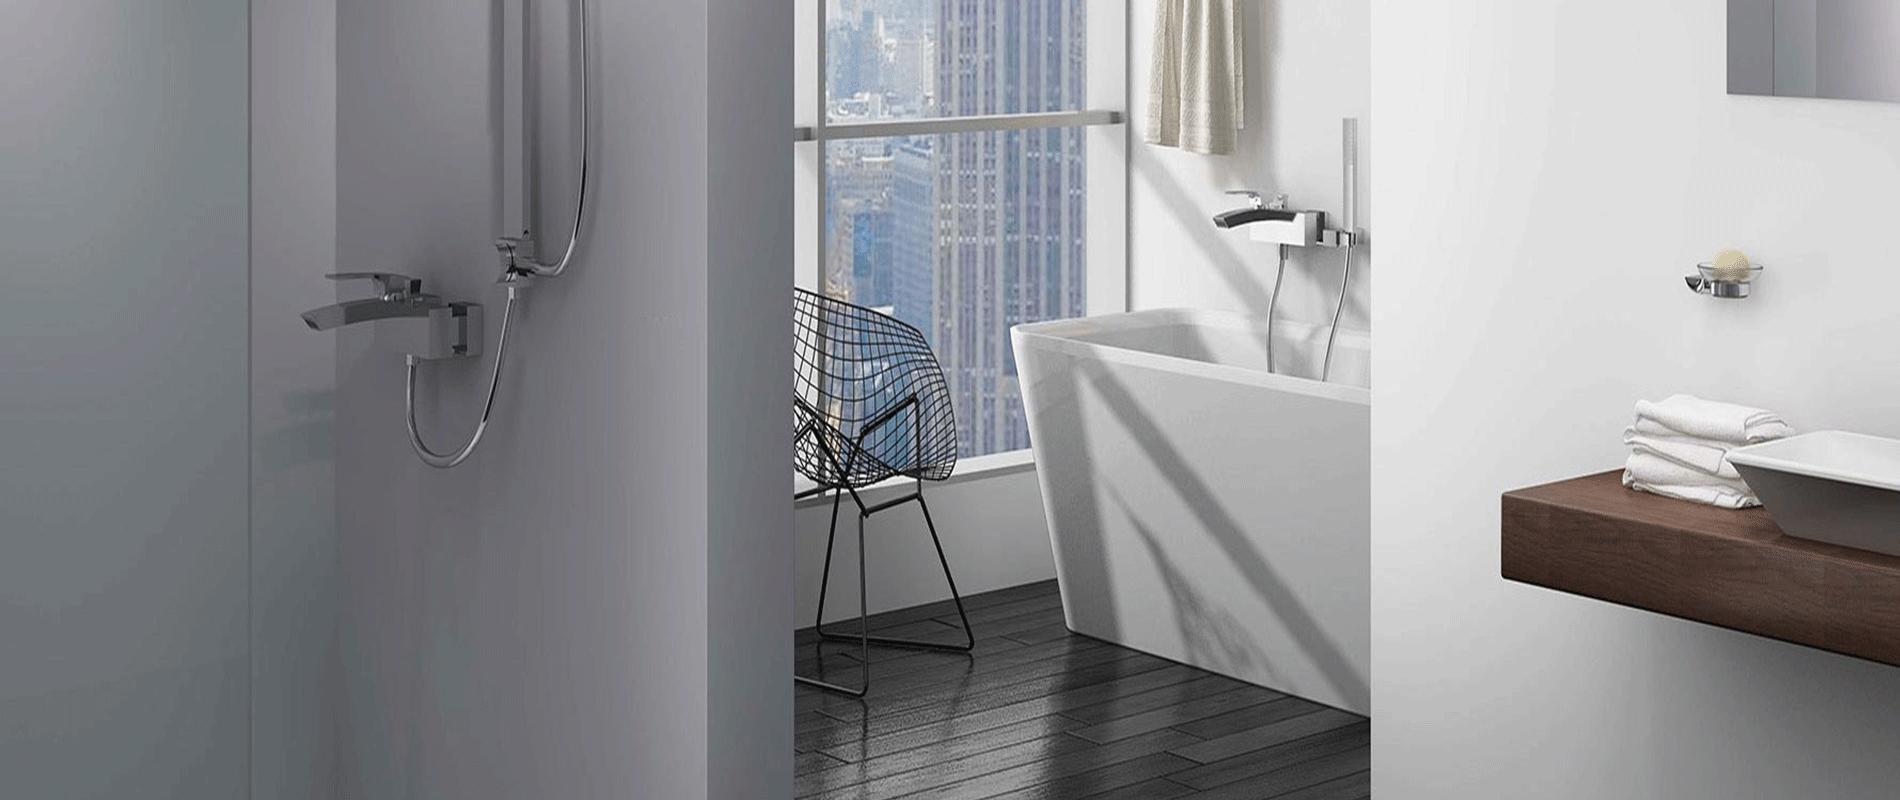 bathroom mixers, showers, accessories